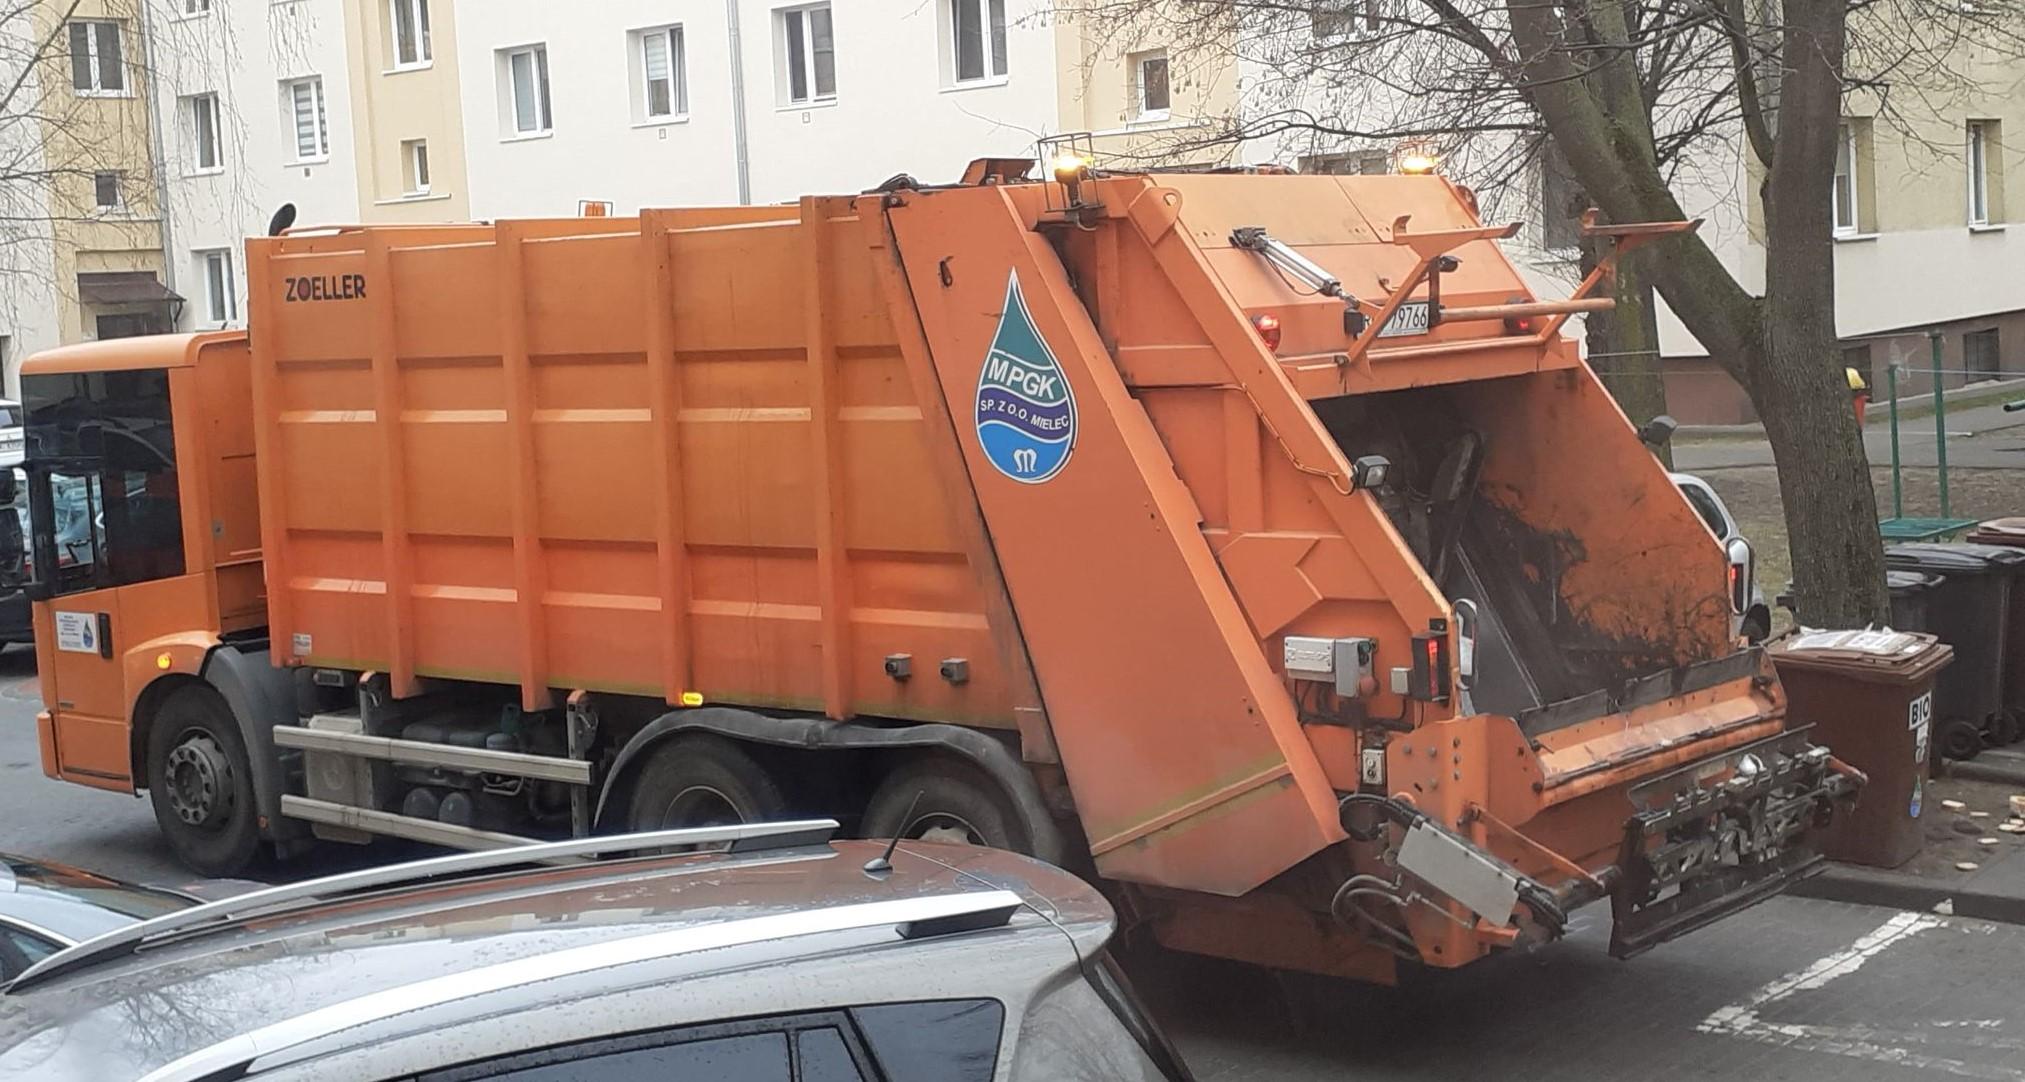 Śmieci rzadziej odbierane, a ceny takie same. Oburzonych mielczan uspokaja urząd miasta - Zdjęcie główne